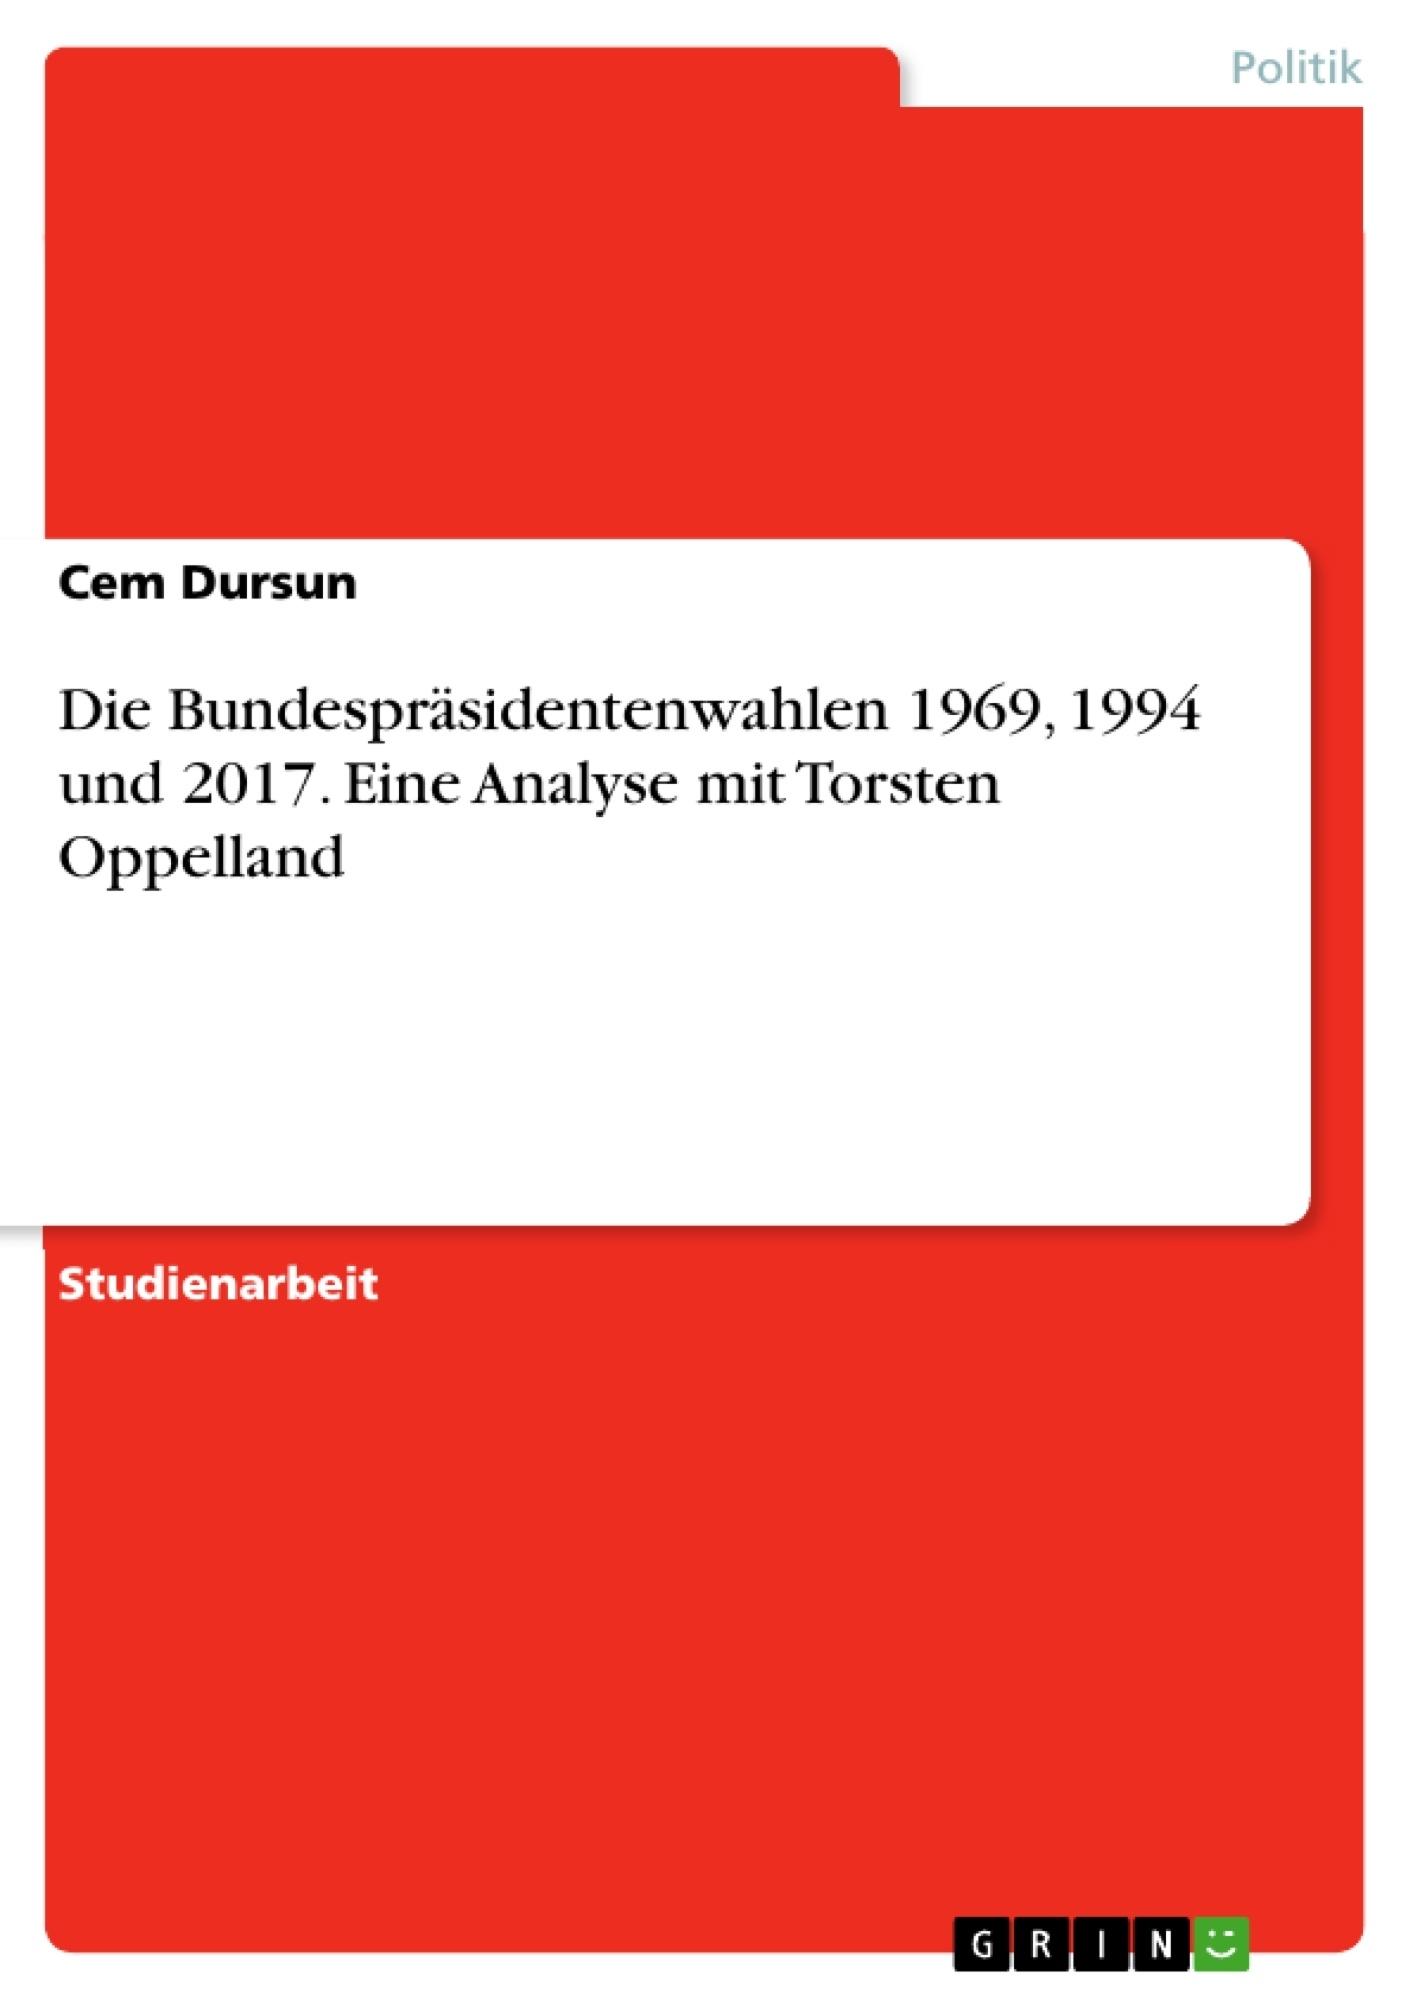 Titel: Die Bundespräsidentenwahlen 1969, 1994 und 2017. Eine Analyse mit Torsten Oppelland